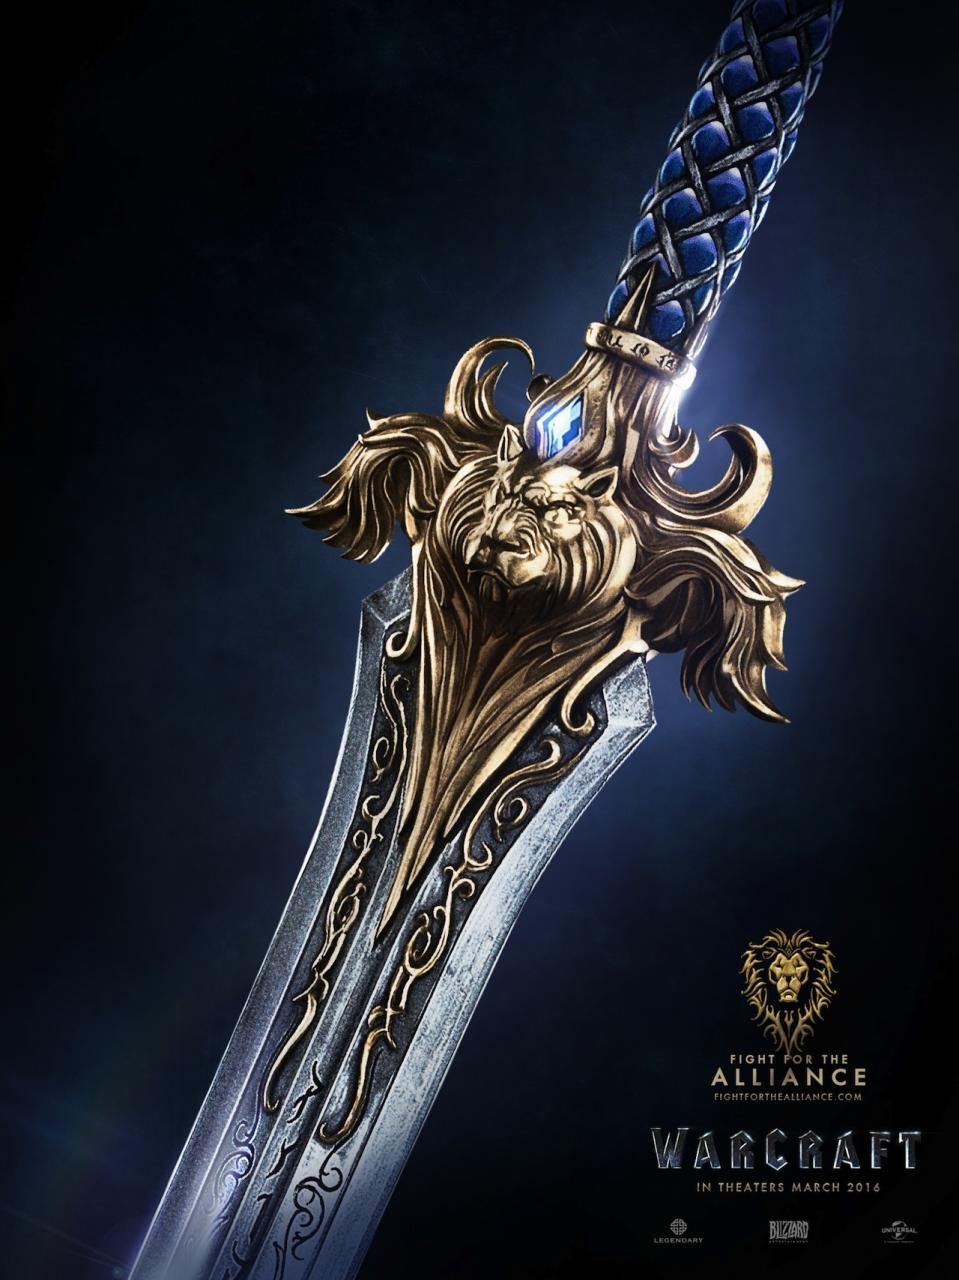 warcraft-alliance-movie-poster